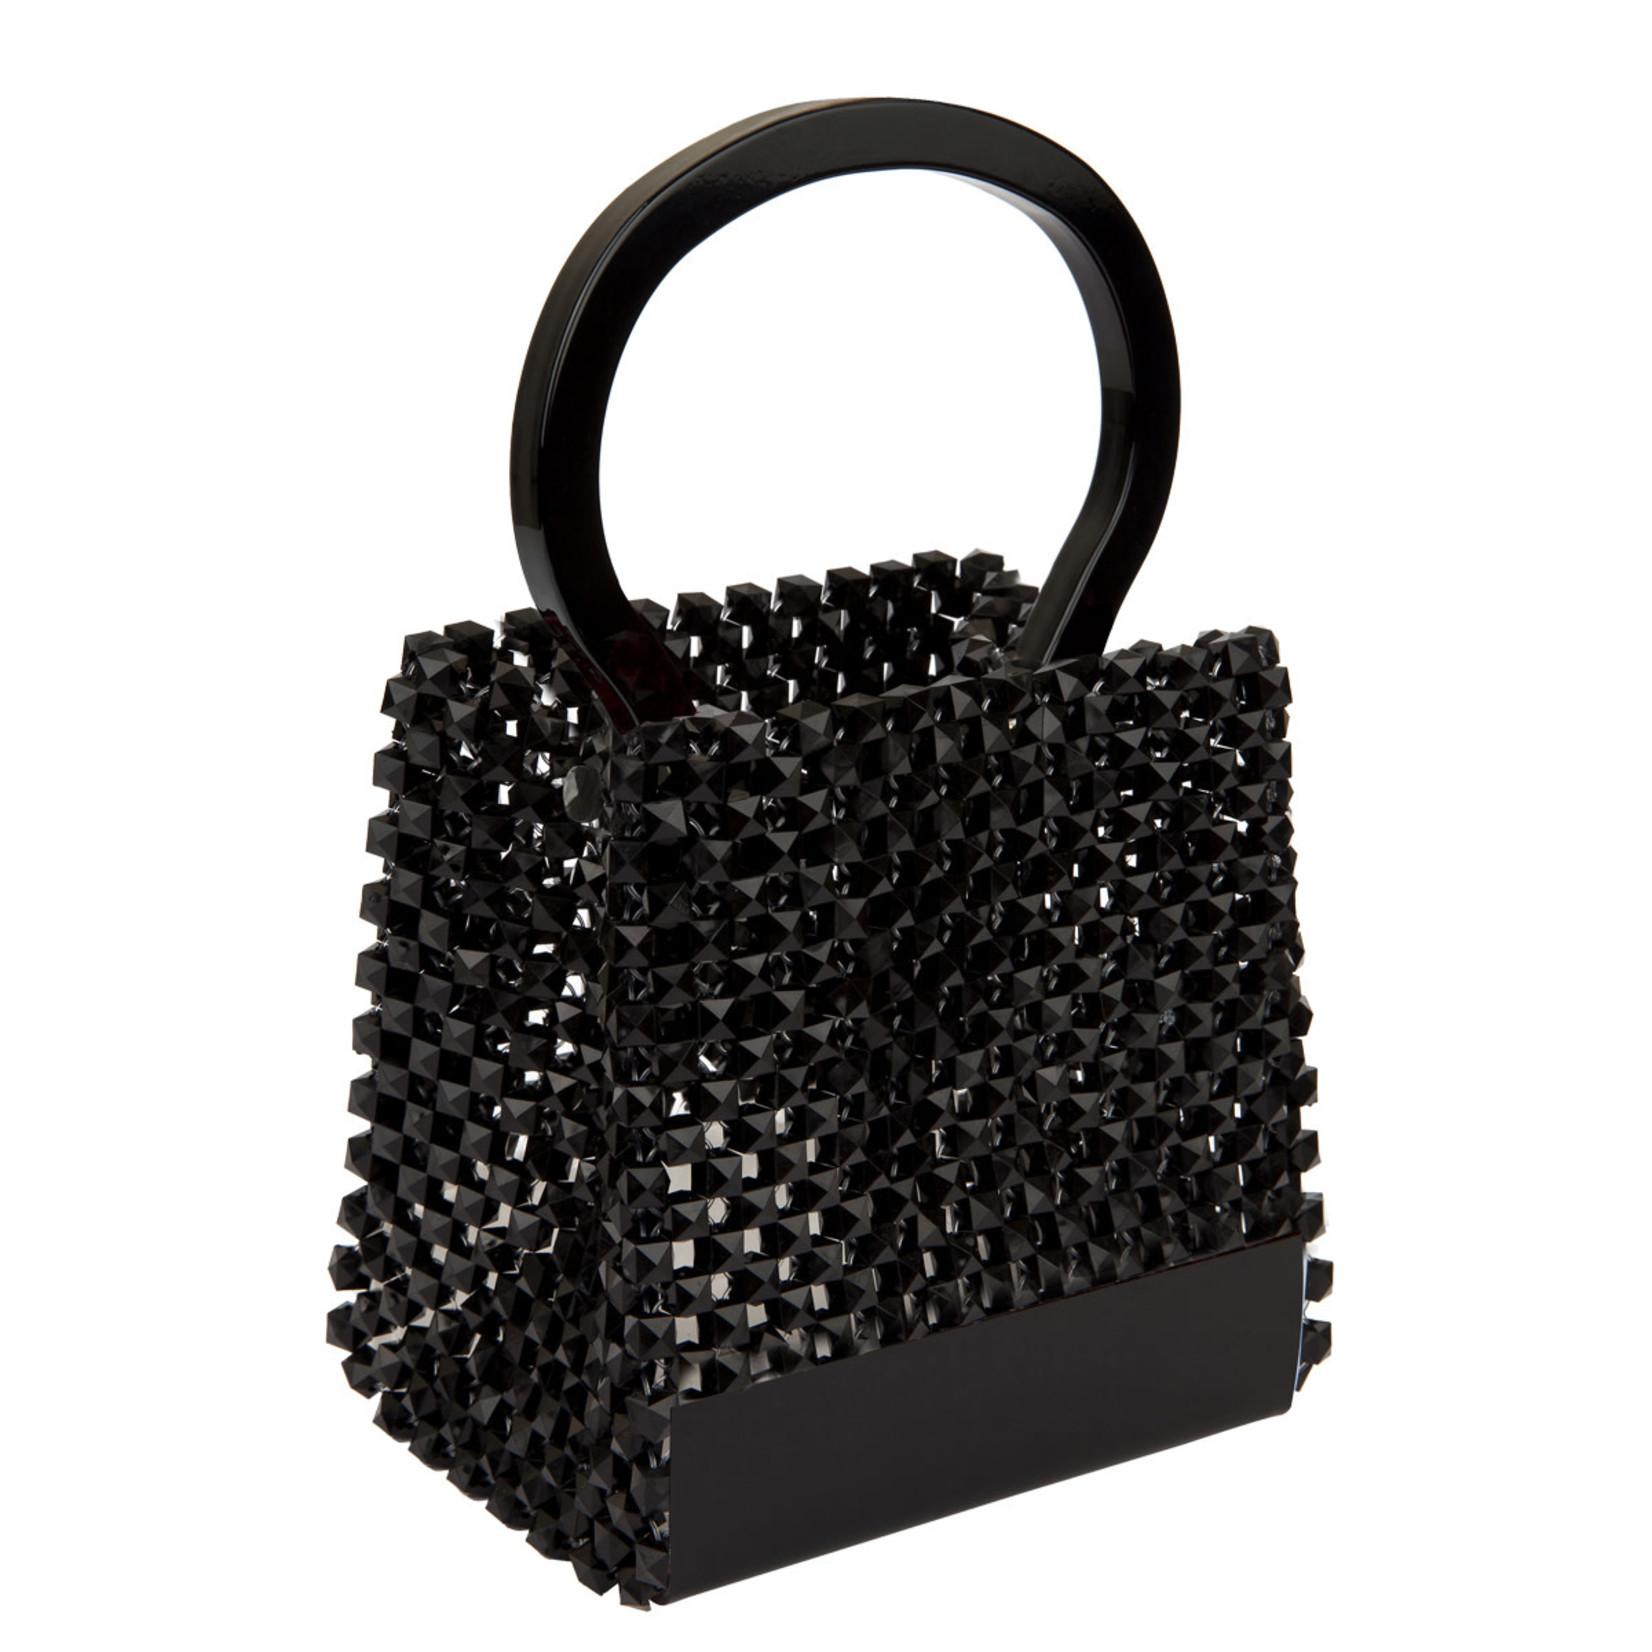 Amber Sceats Zoey Bag